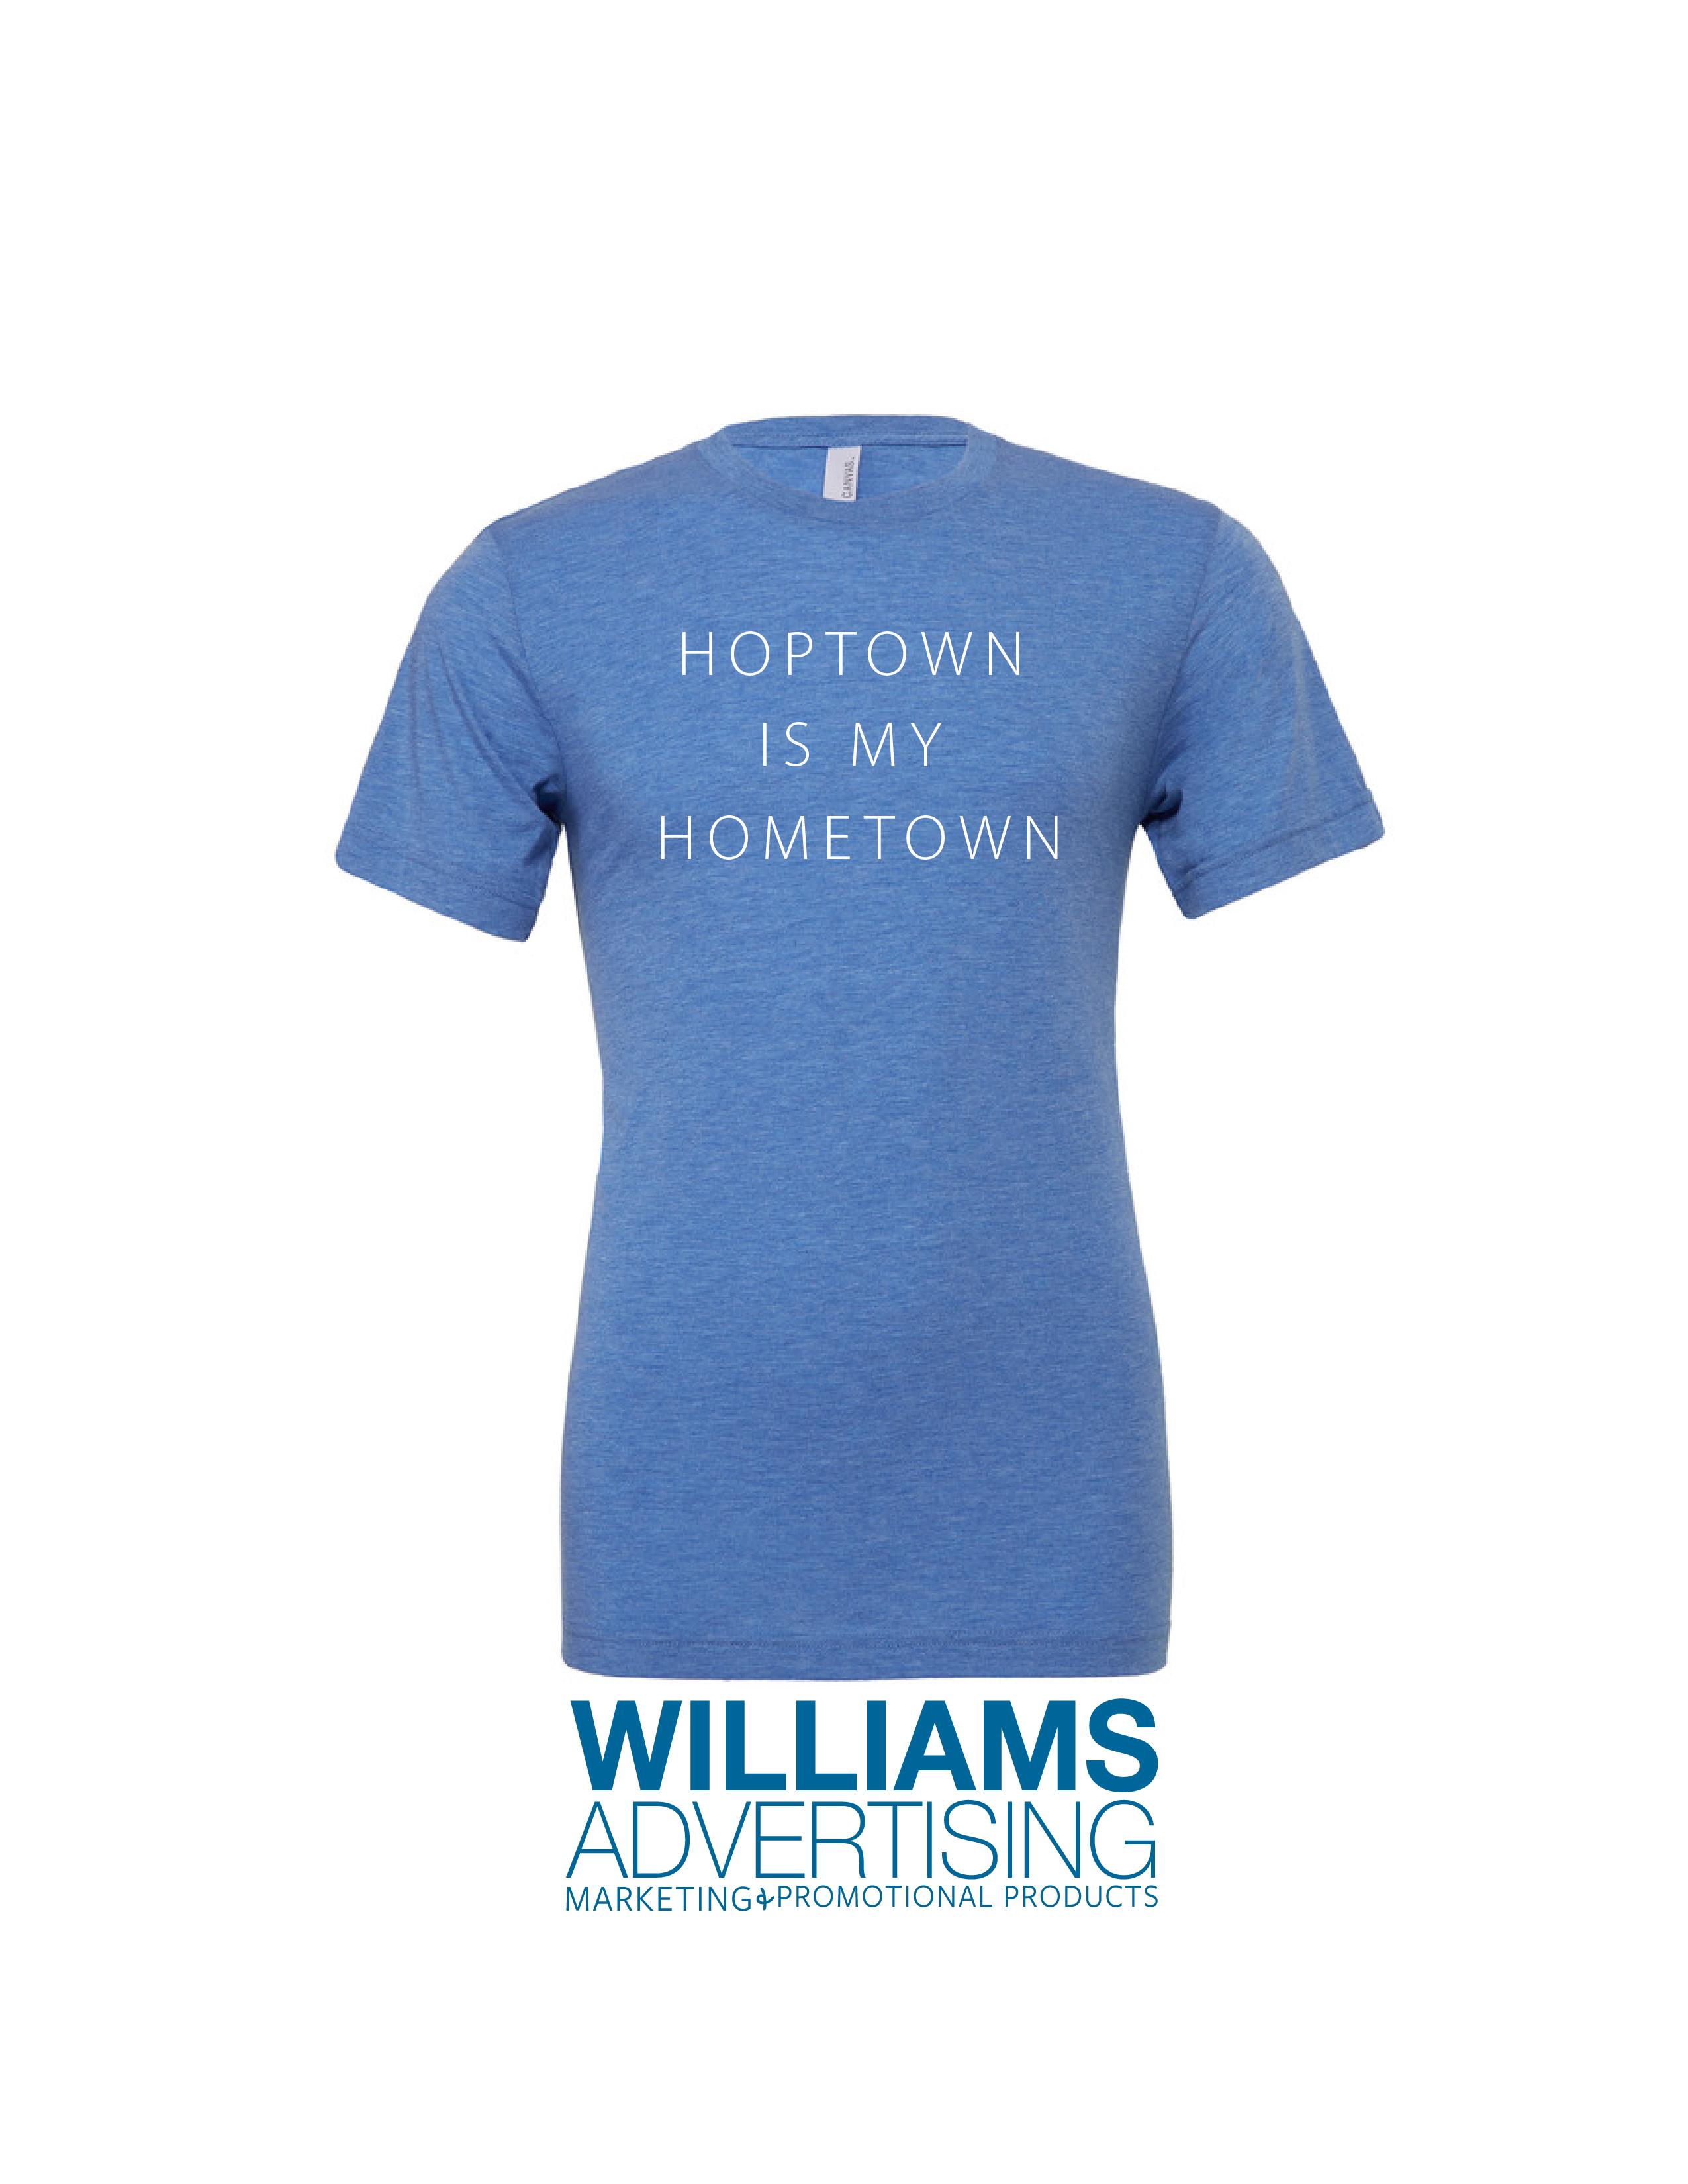 Hoptown is my Hometown